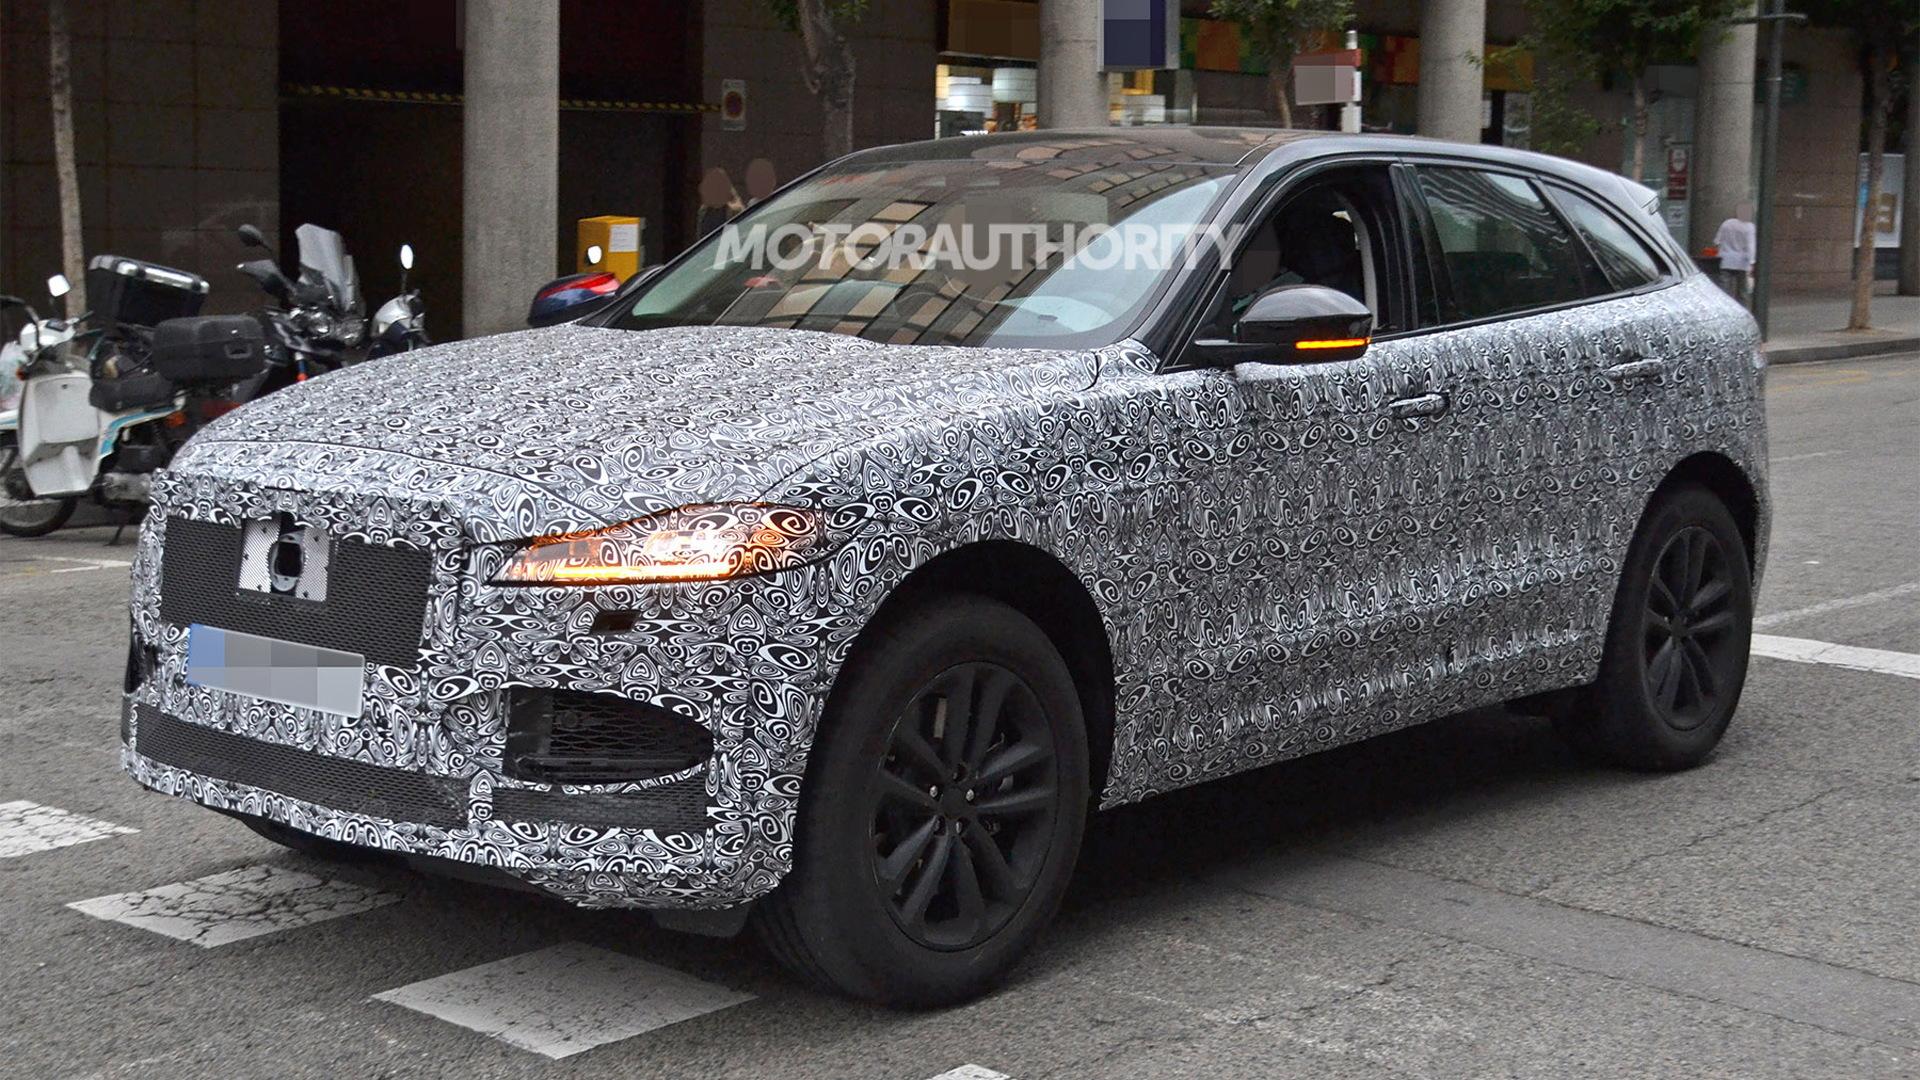 2021 Jaguar F-Pace facelift spy shots - Photo credit: S. Baldauf/SB-Medien